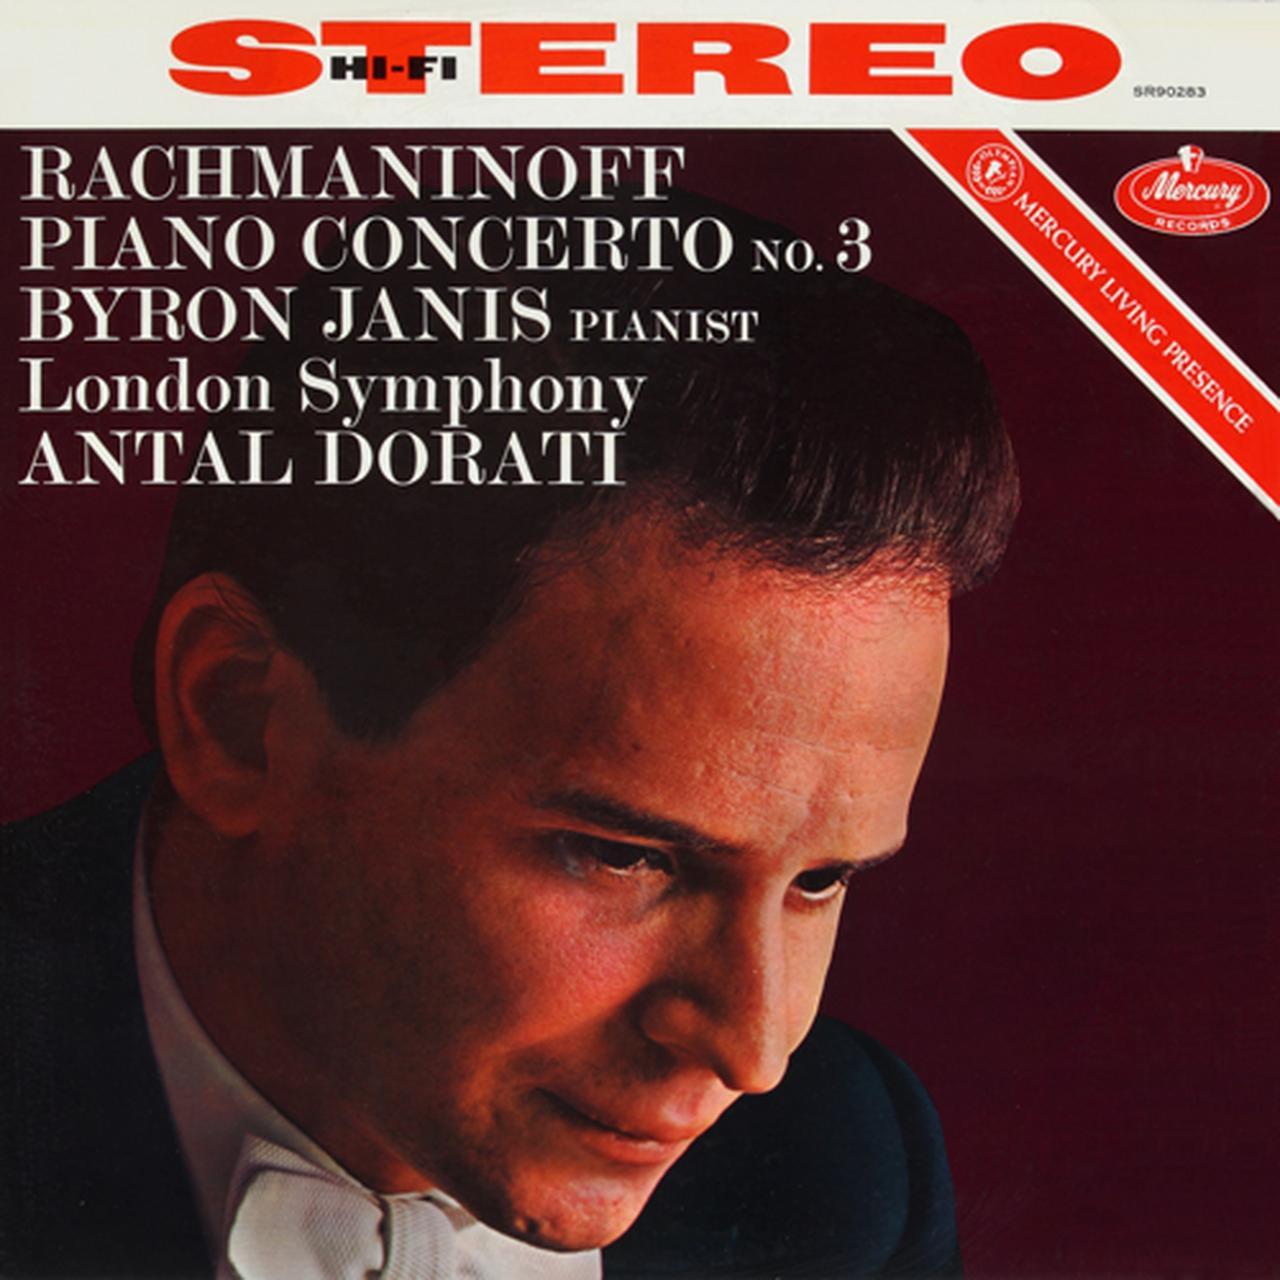 画像: ラフマニノフ:ピアノ協奏曲第三番(SACD+CD・2枚組) SSHRS-031~032 5,400円(税込)